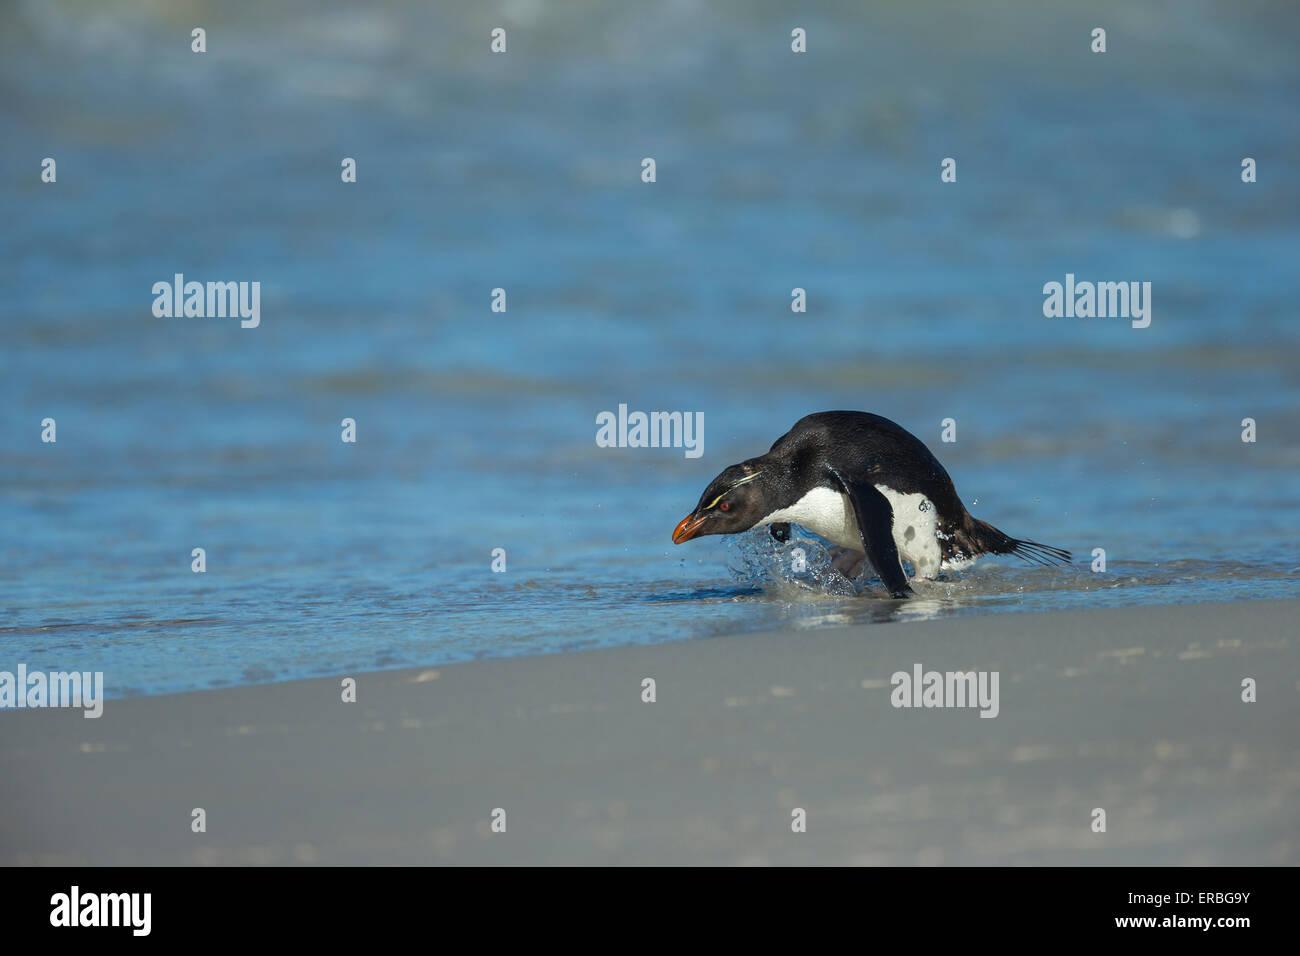 Penguin Eudyptes chrysocome Southern rockhopper, des profils d'entrer dans l'eau, nouvelle Île, Îles Photo Stock